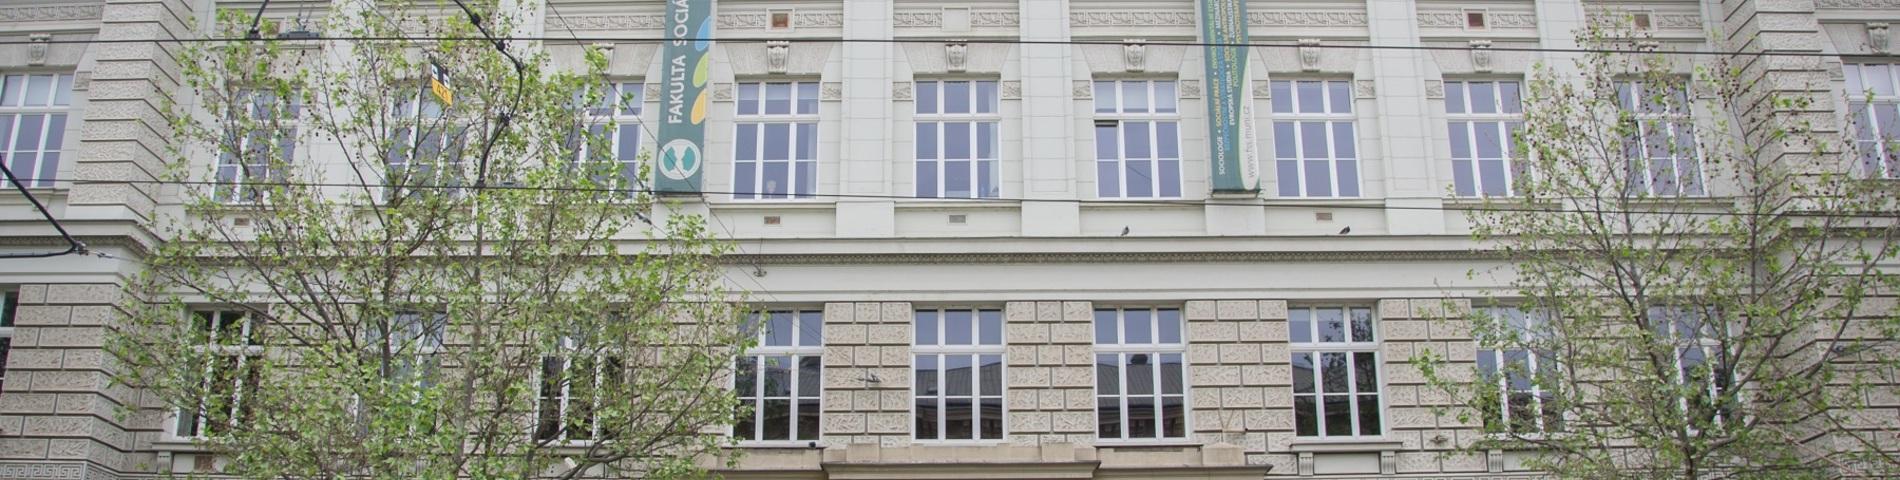 CA Institute picture 1